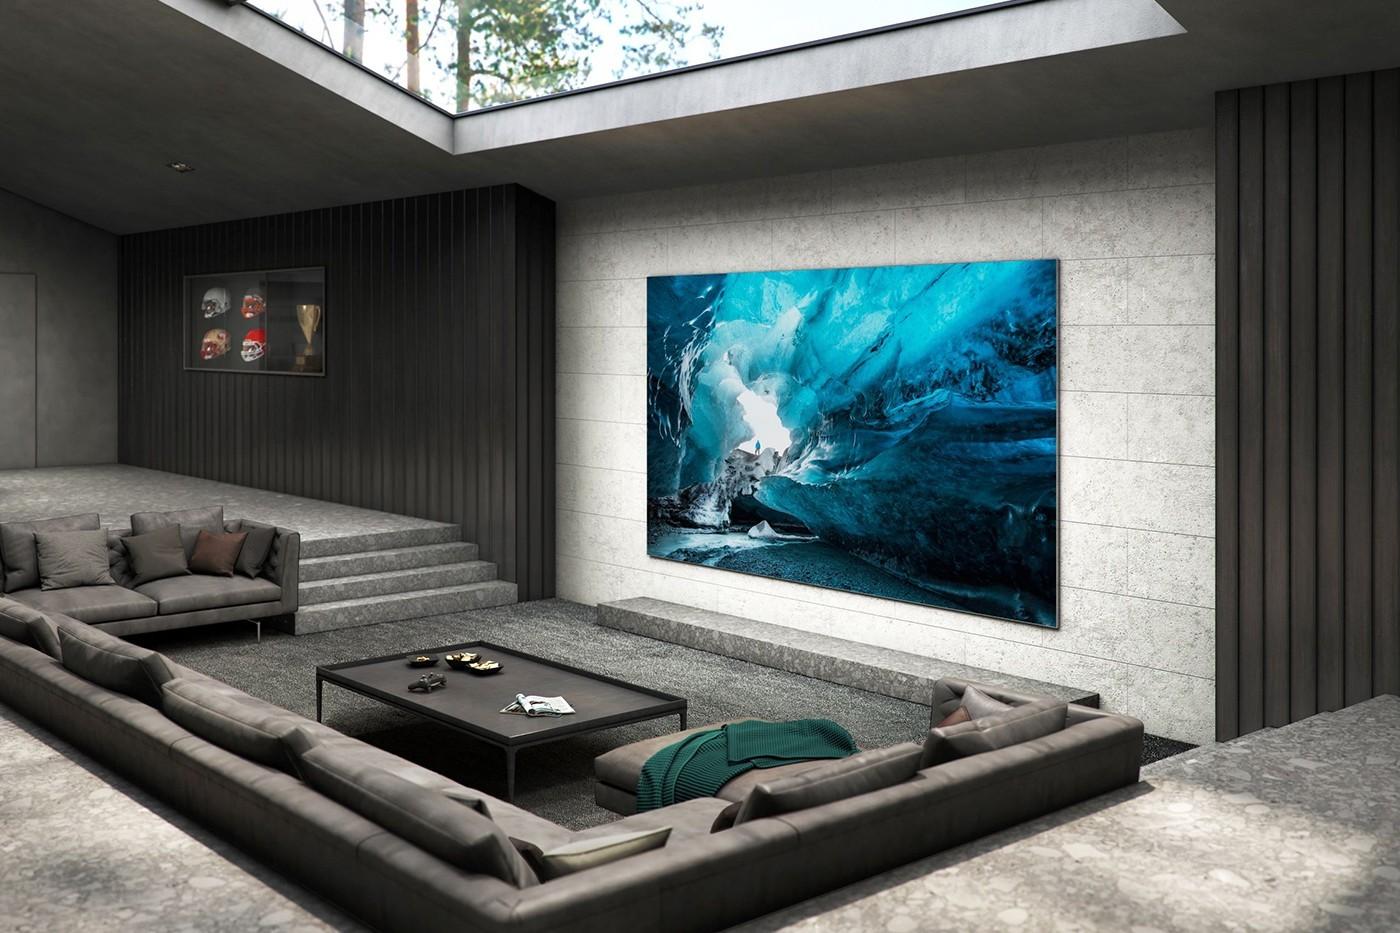 三星推出110英寸MicroLED 4K电视